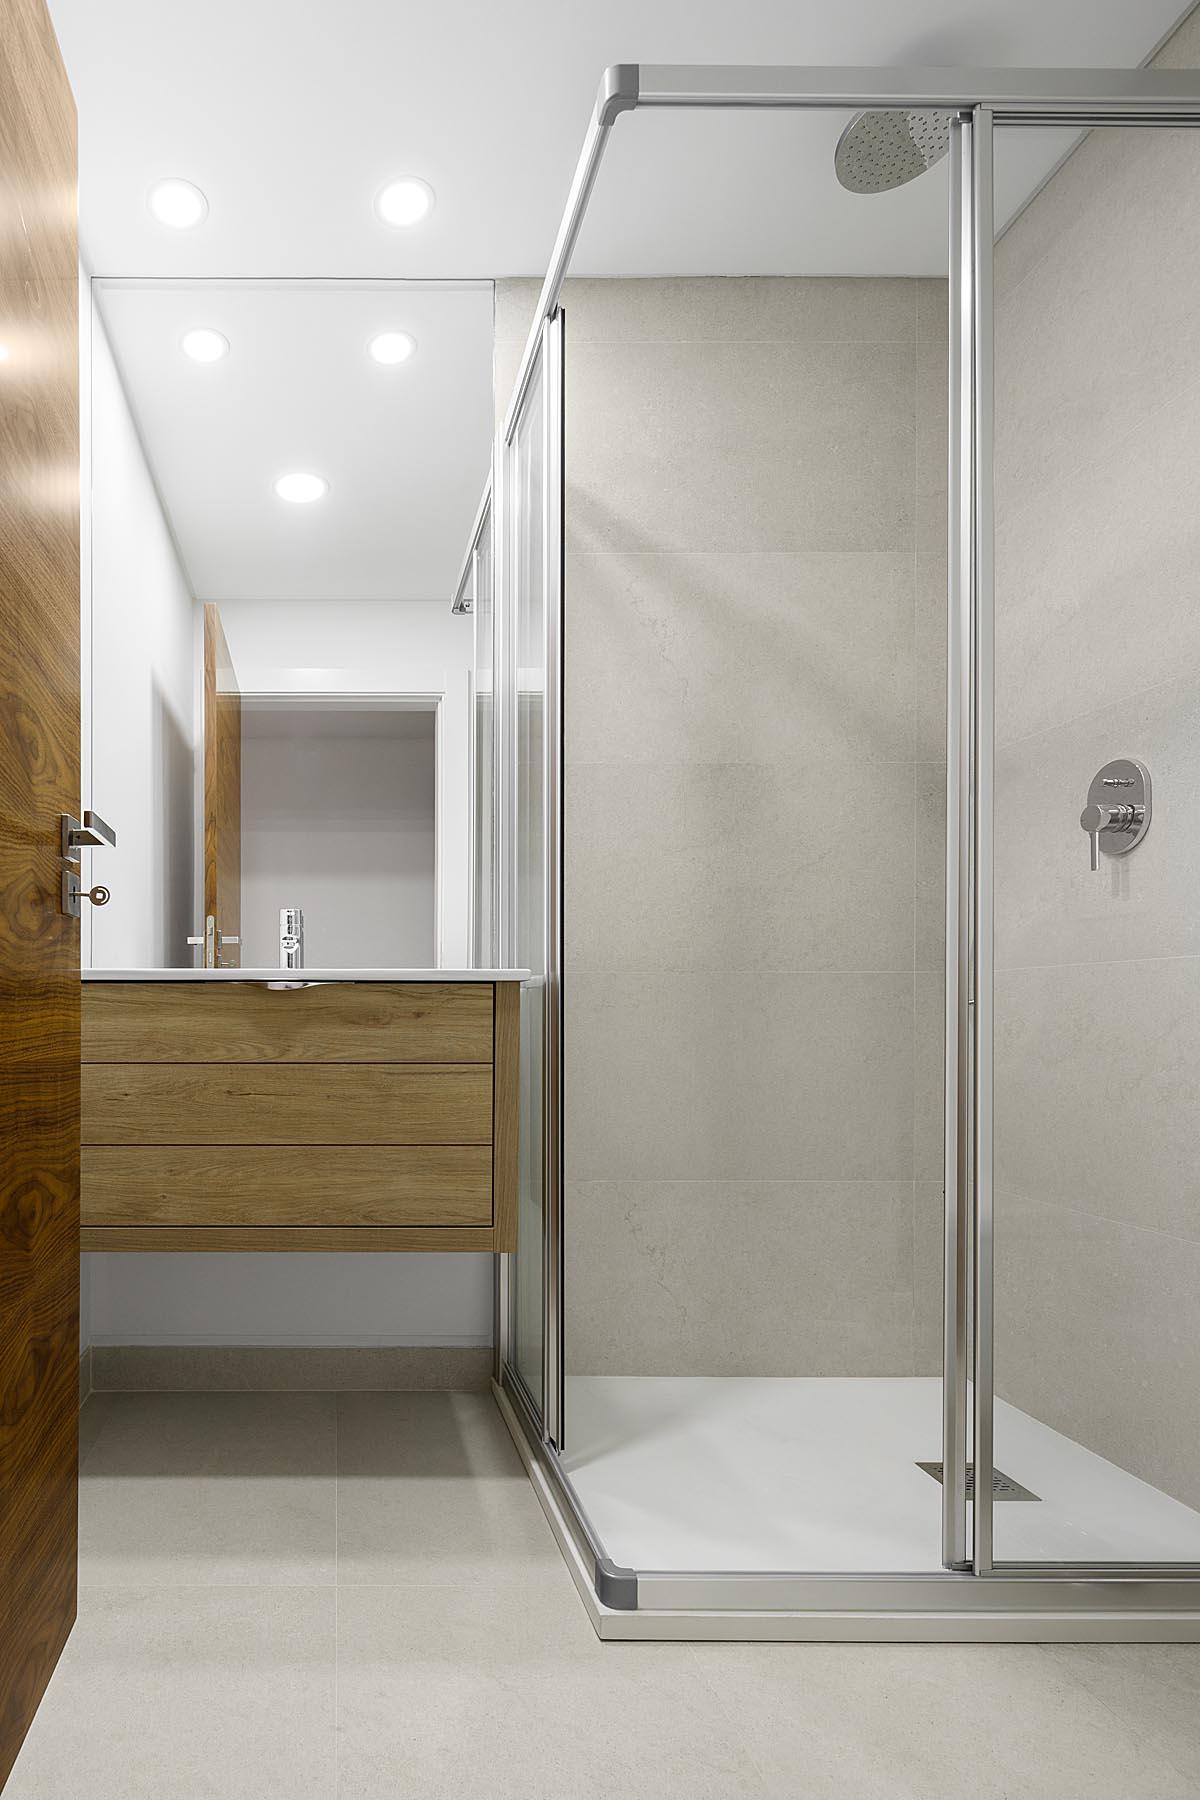 Rosaforte Rosabuilding - Casa de Banho - Concept